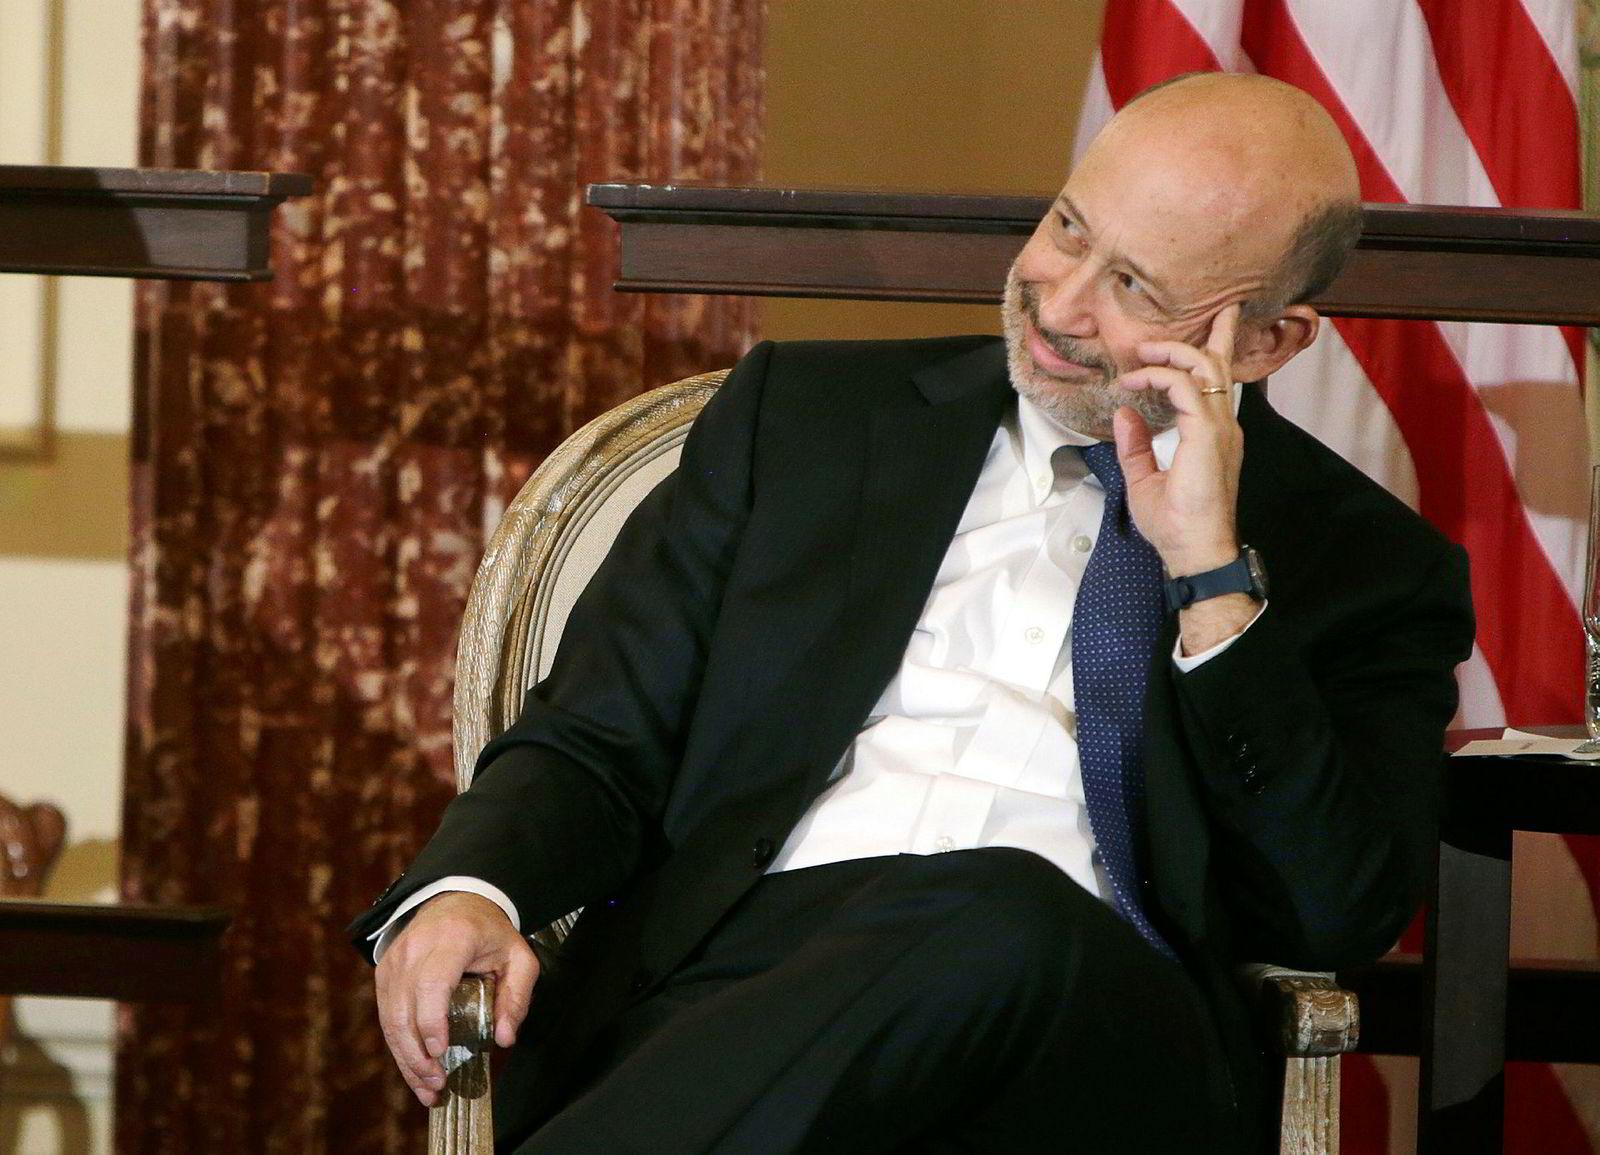 Guds arbeid? Goldman Sachs' styreleder og toppsjef Lloyd Blankfein.